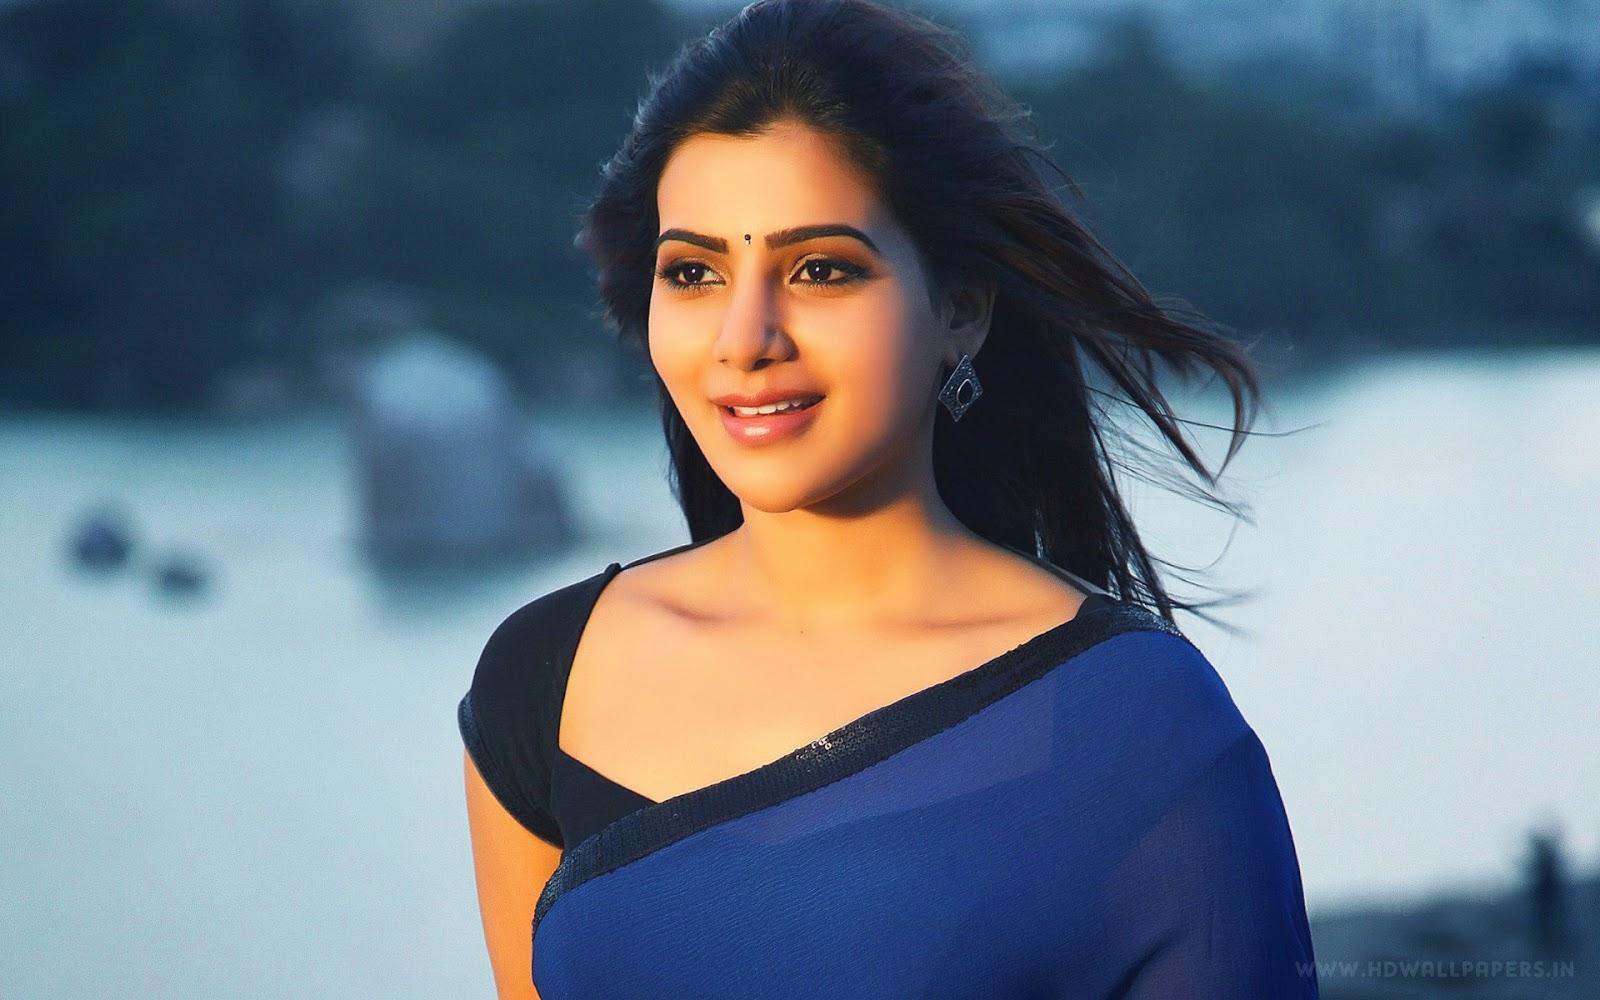 Hd Wallpaper Download Samantha 2014 Hot Sexy Bollywood